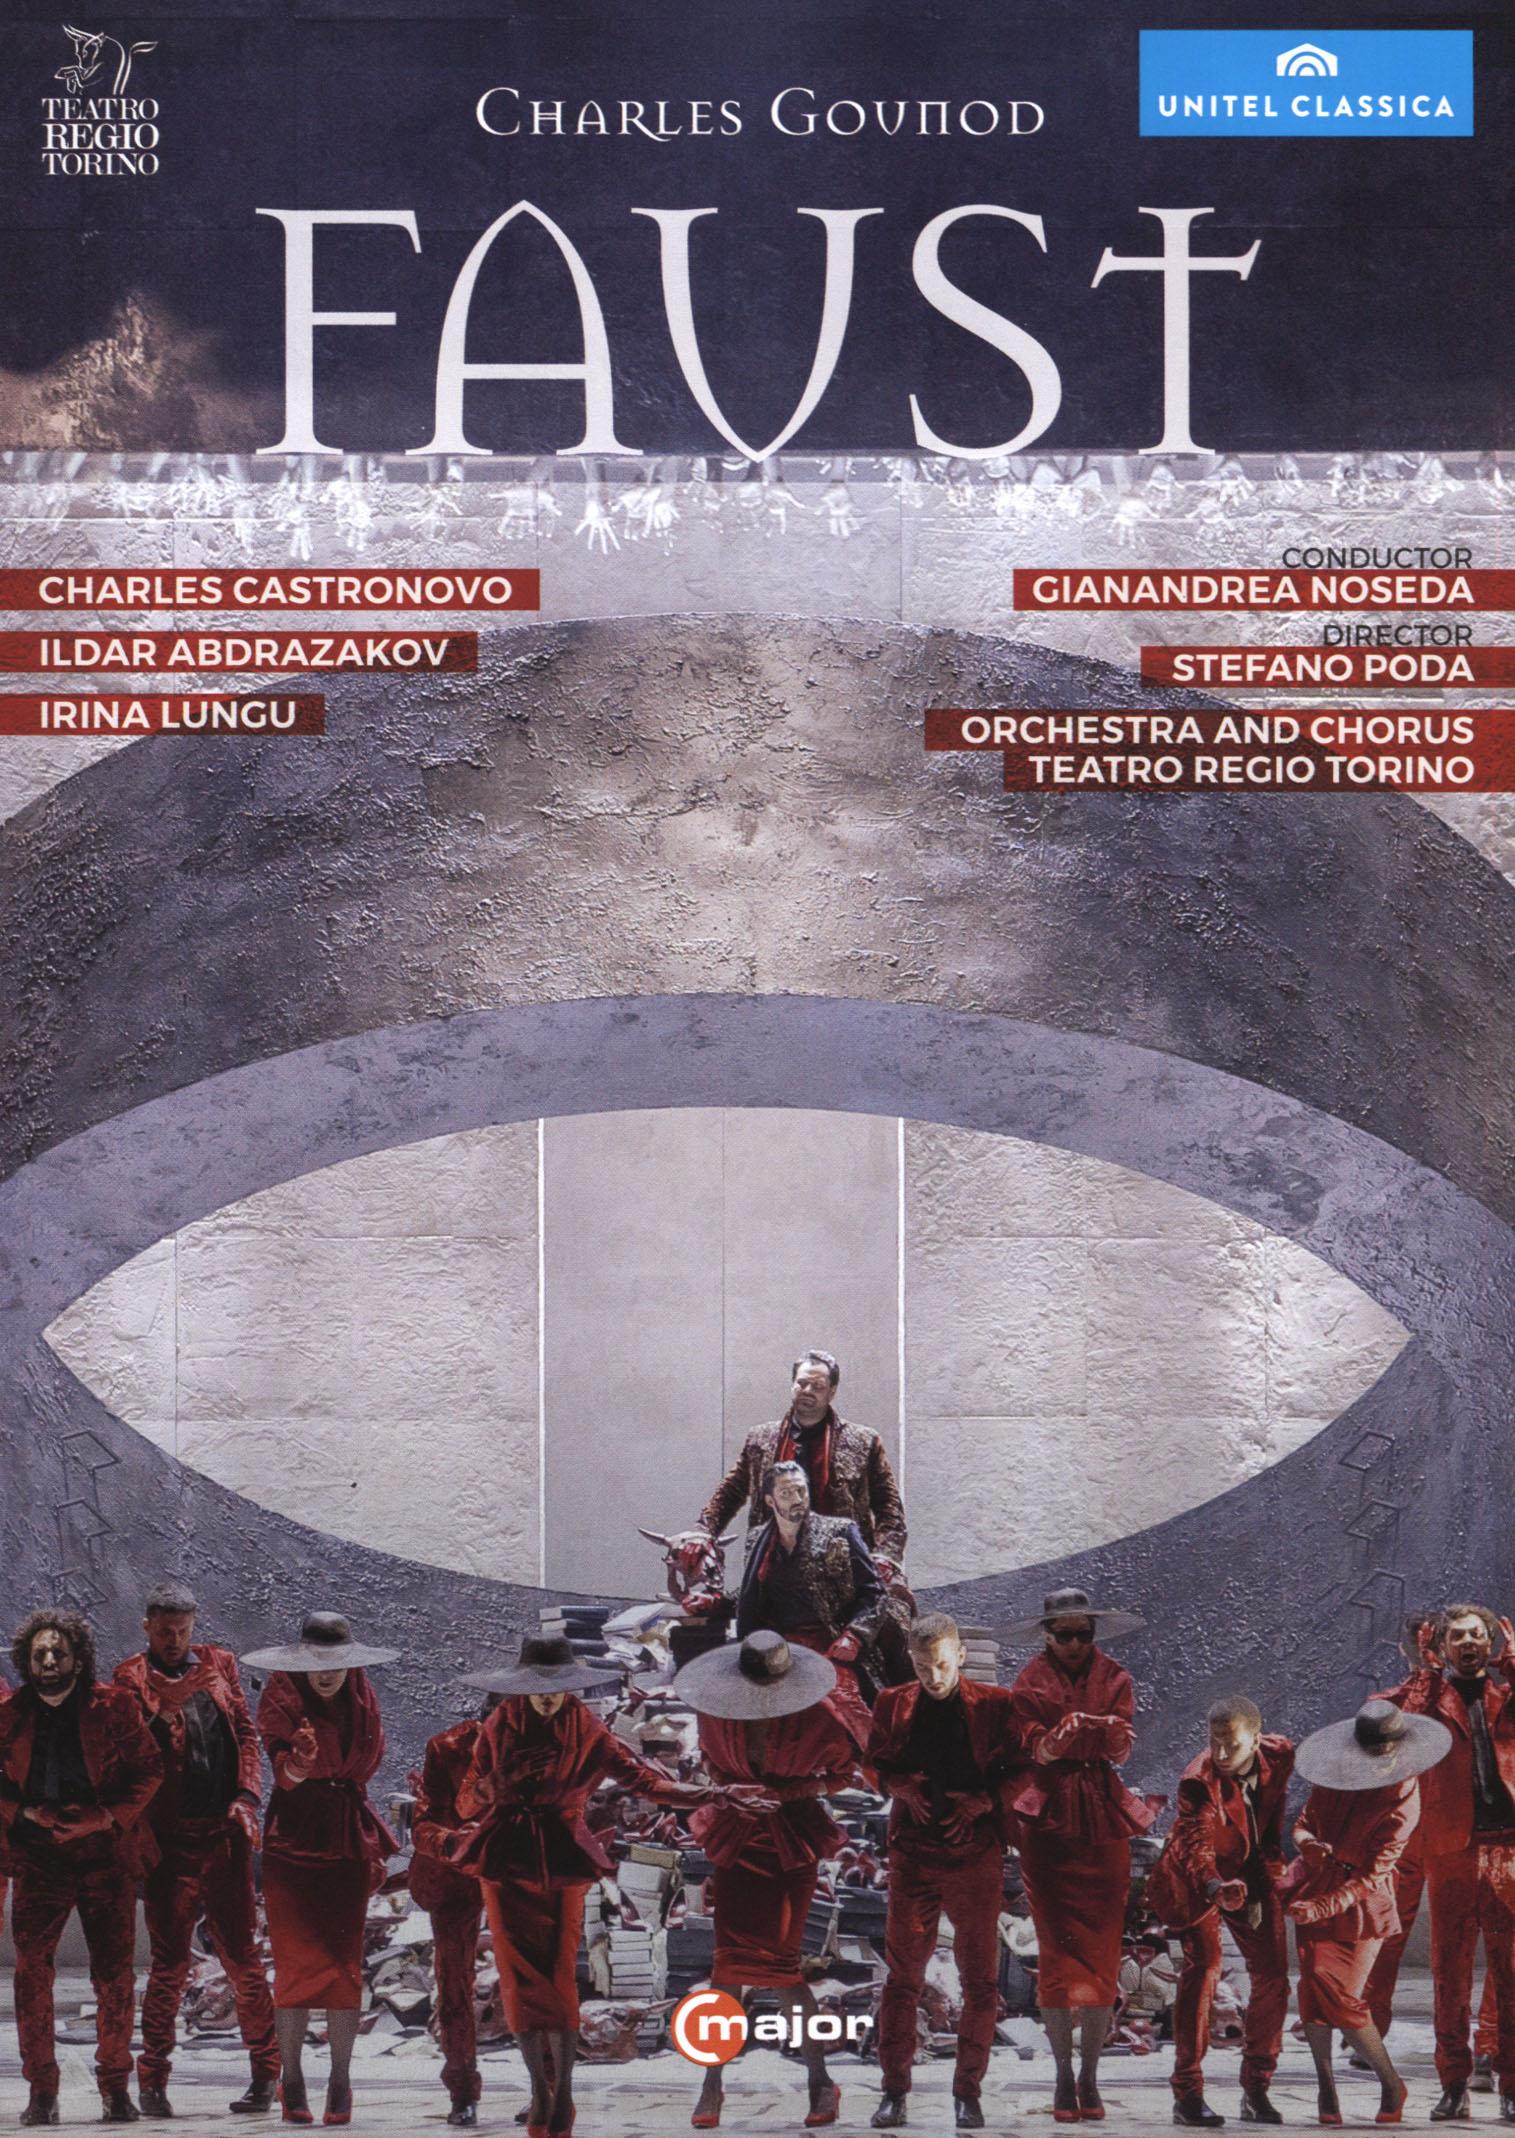 Faust (Teatro Regio Torino)